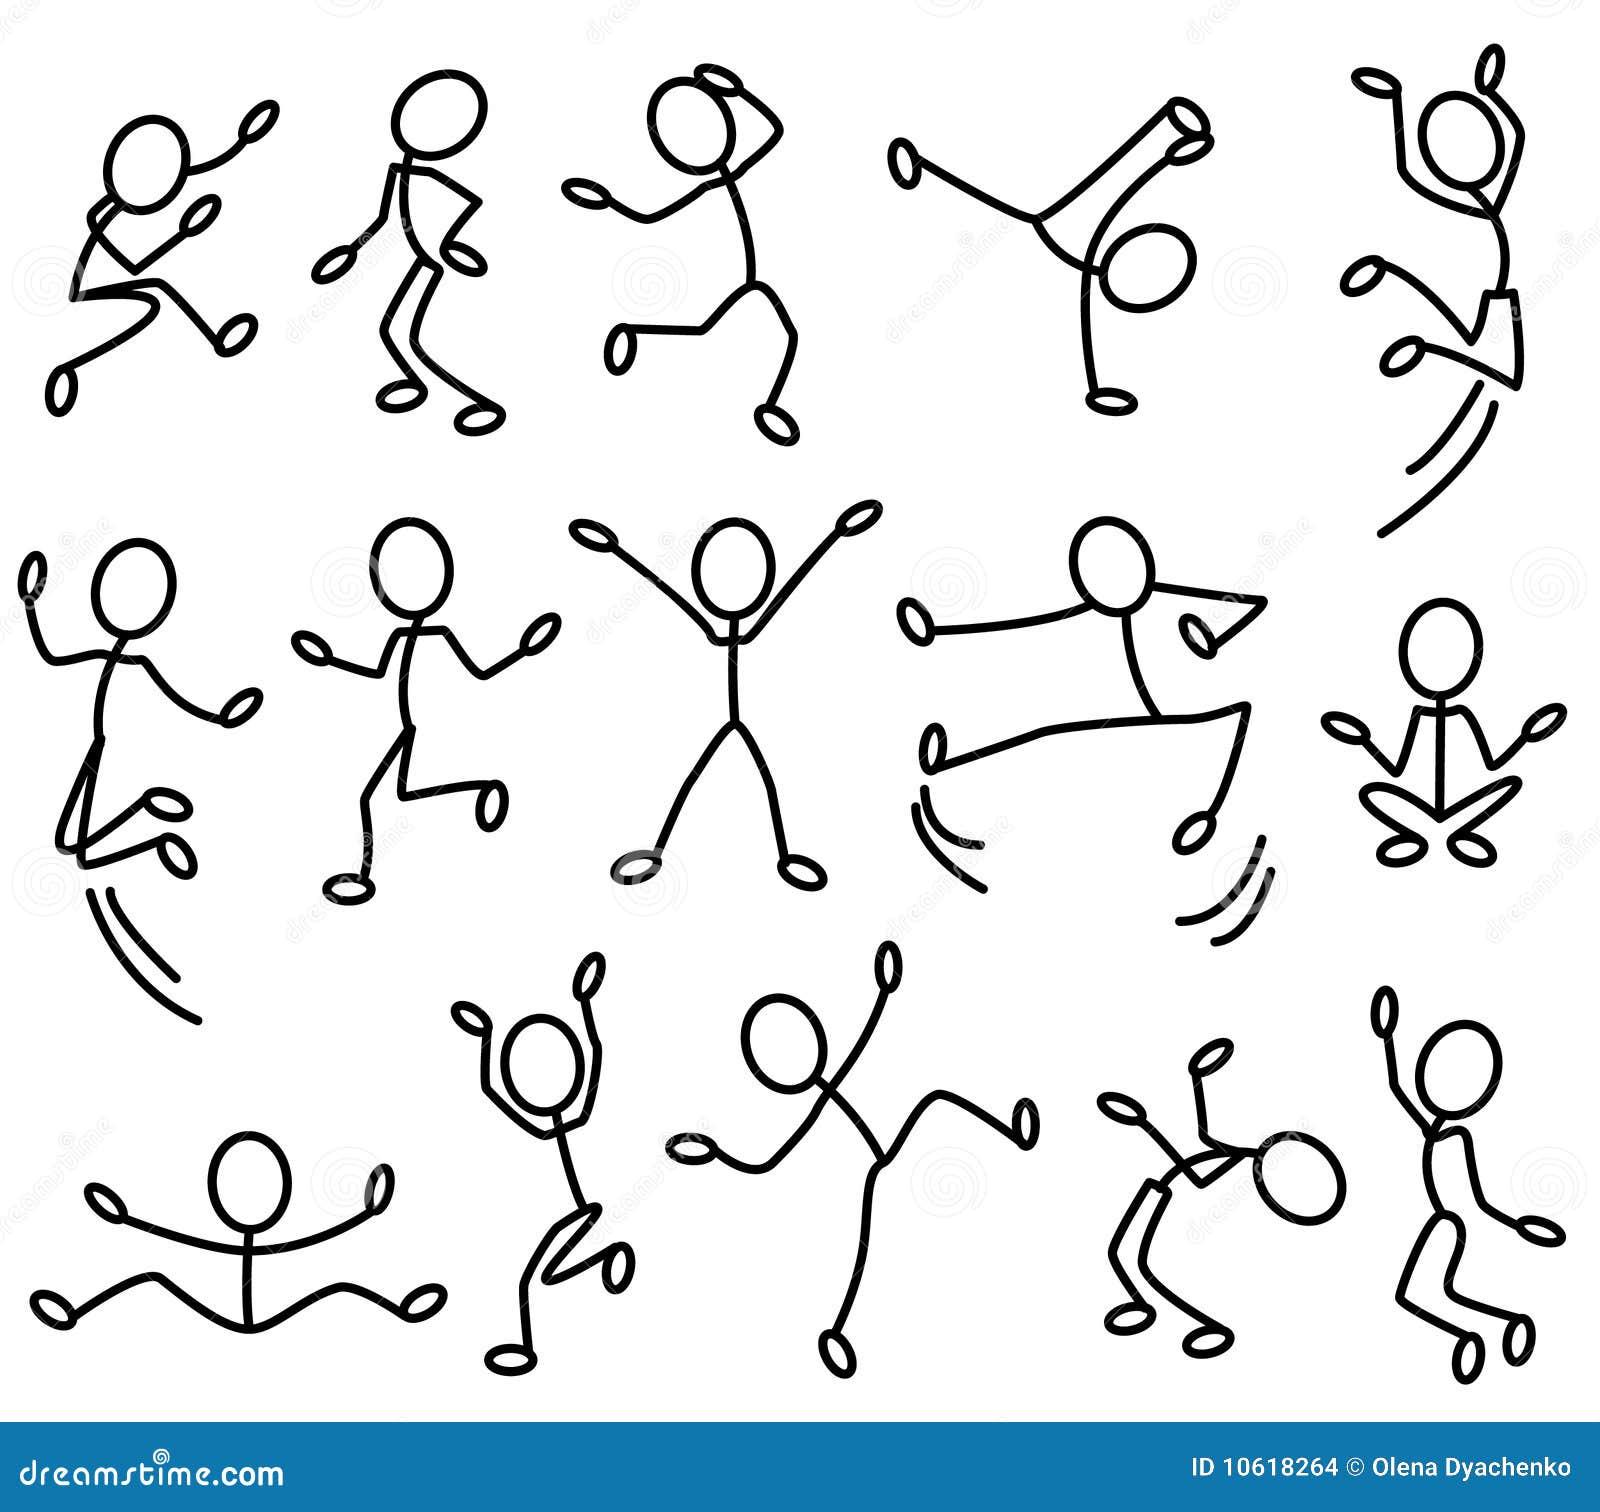 Движущийся человечек нарисованный